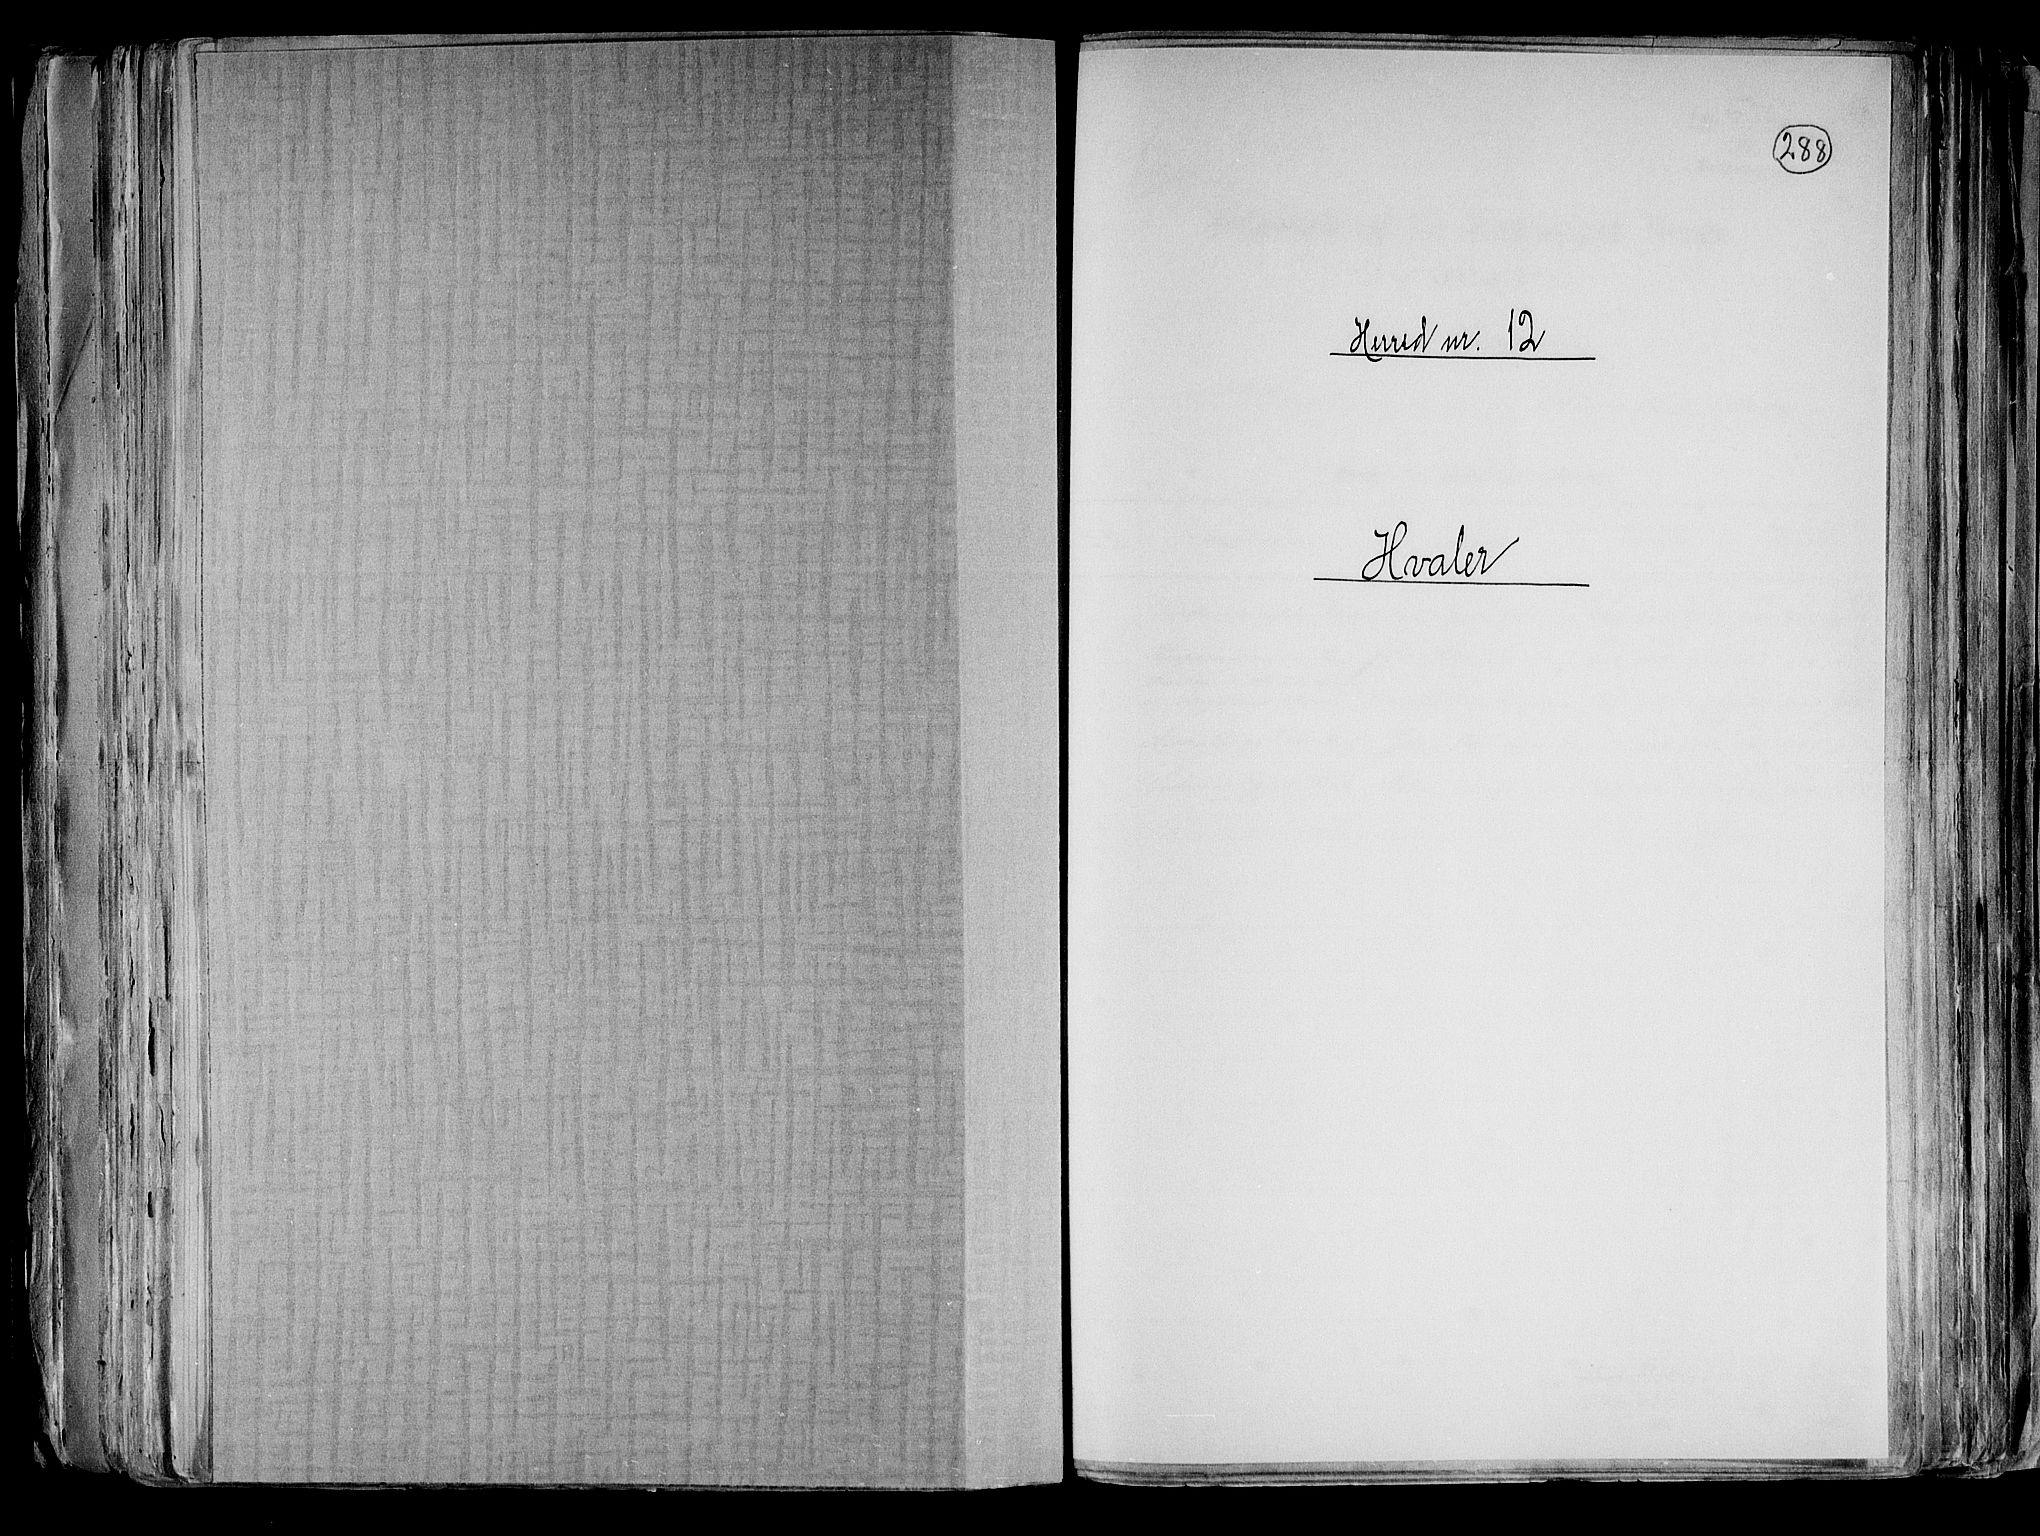 RA, Folketelling 1891 for 0111 Hvaler herred, 1891, s. 1